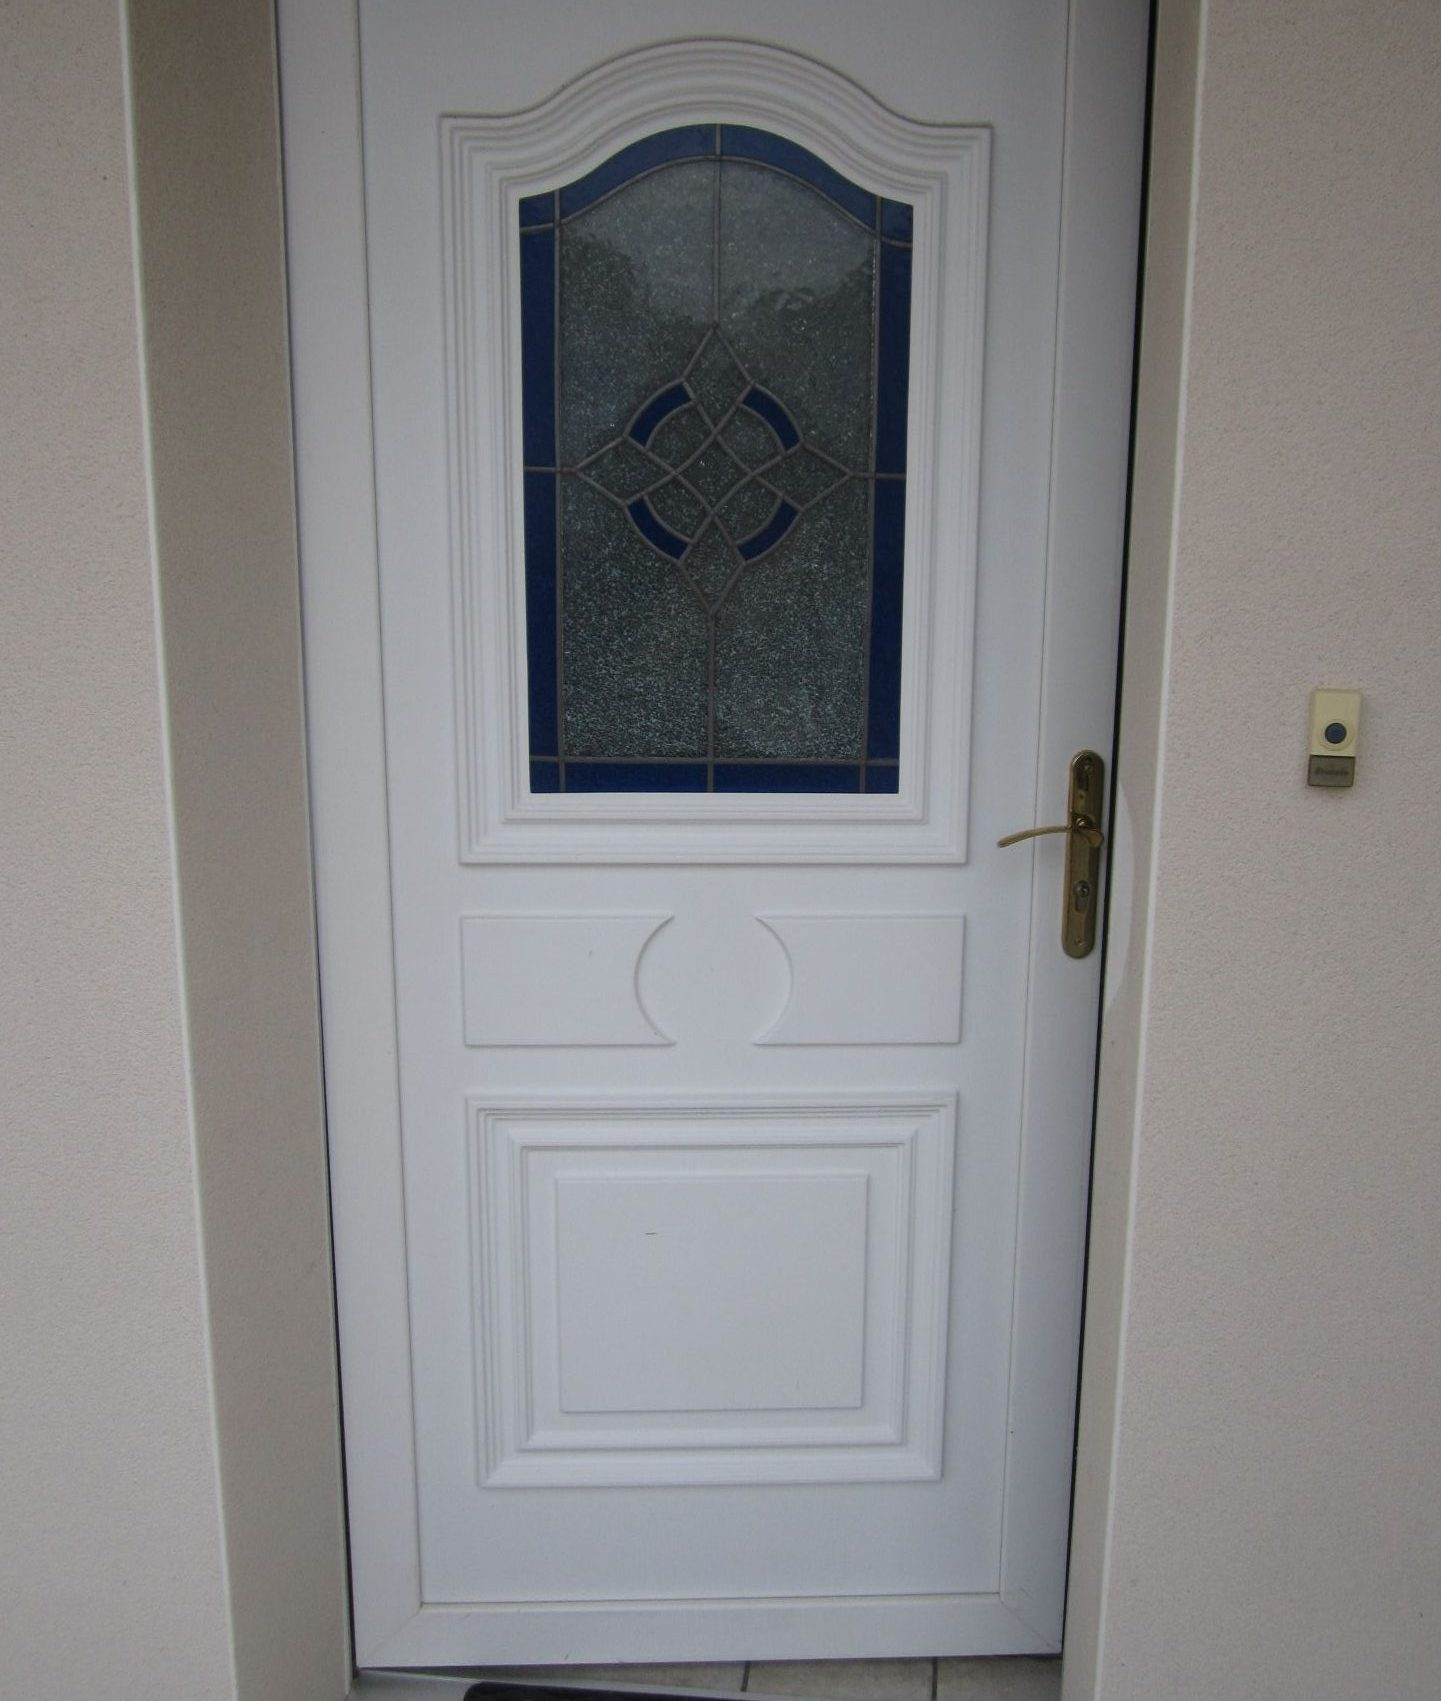 Miroiterie Service Yonnais - dépannage vitrerie La Roche sur Yon